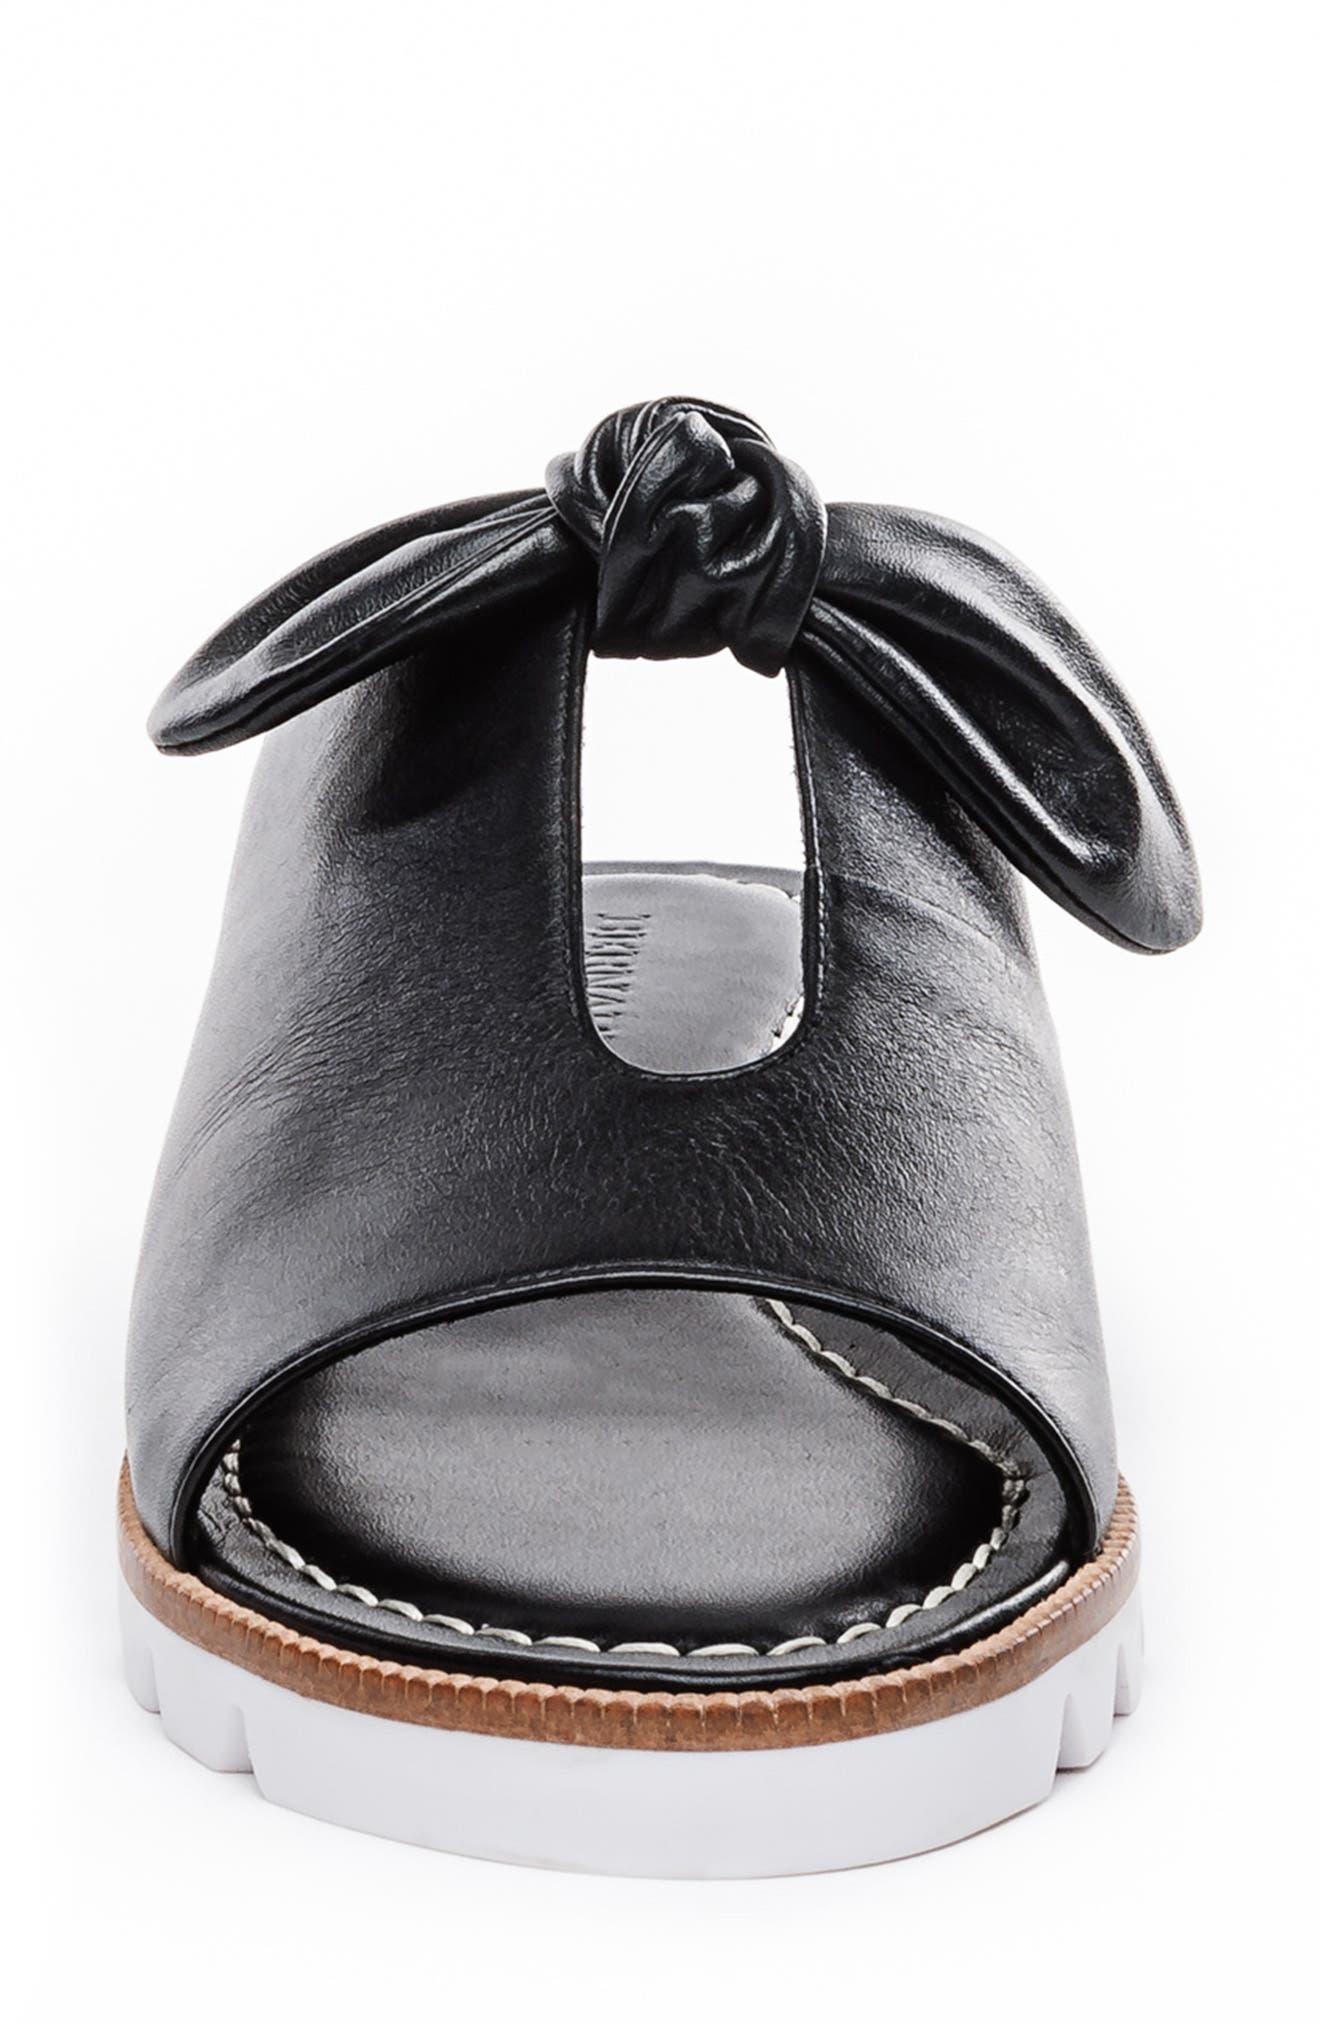 BERNARDO, Alice Bow Slide Sandal, Alternate thumbnail 4, color, BLACK LEATHER